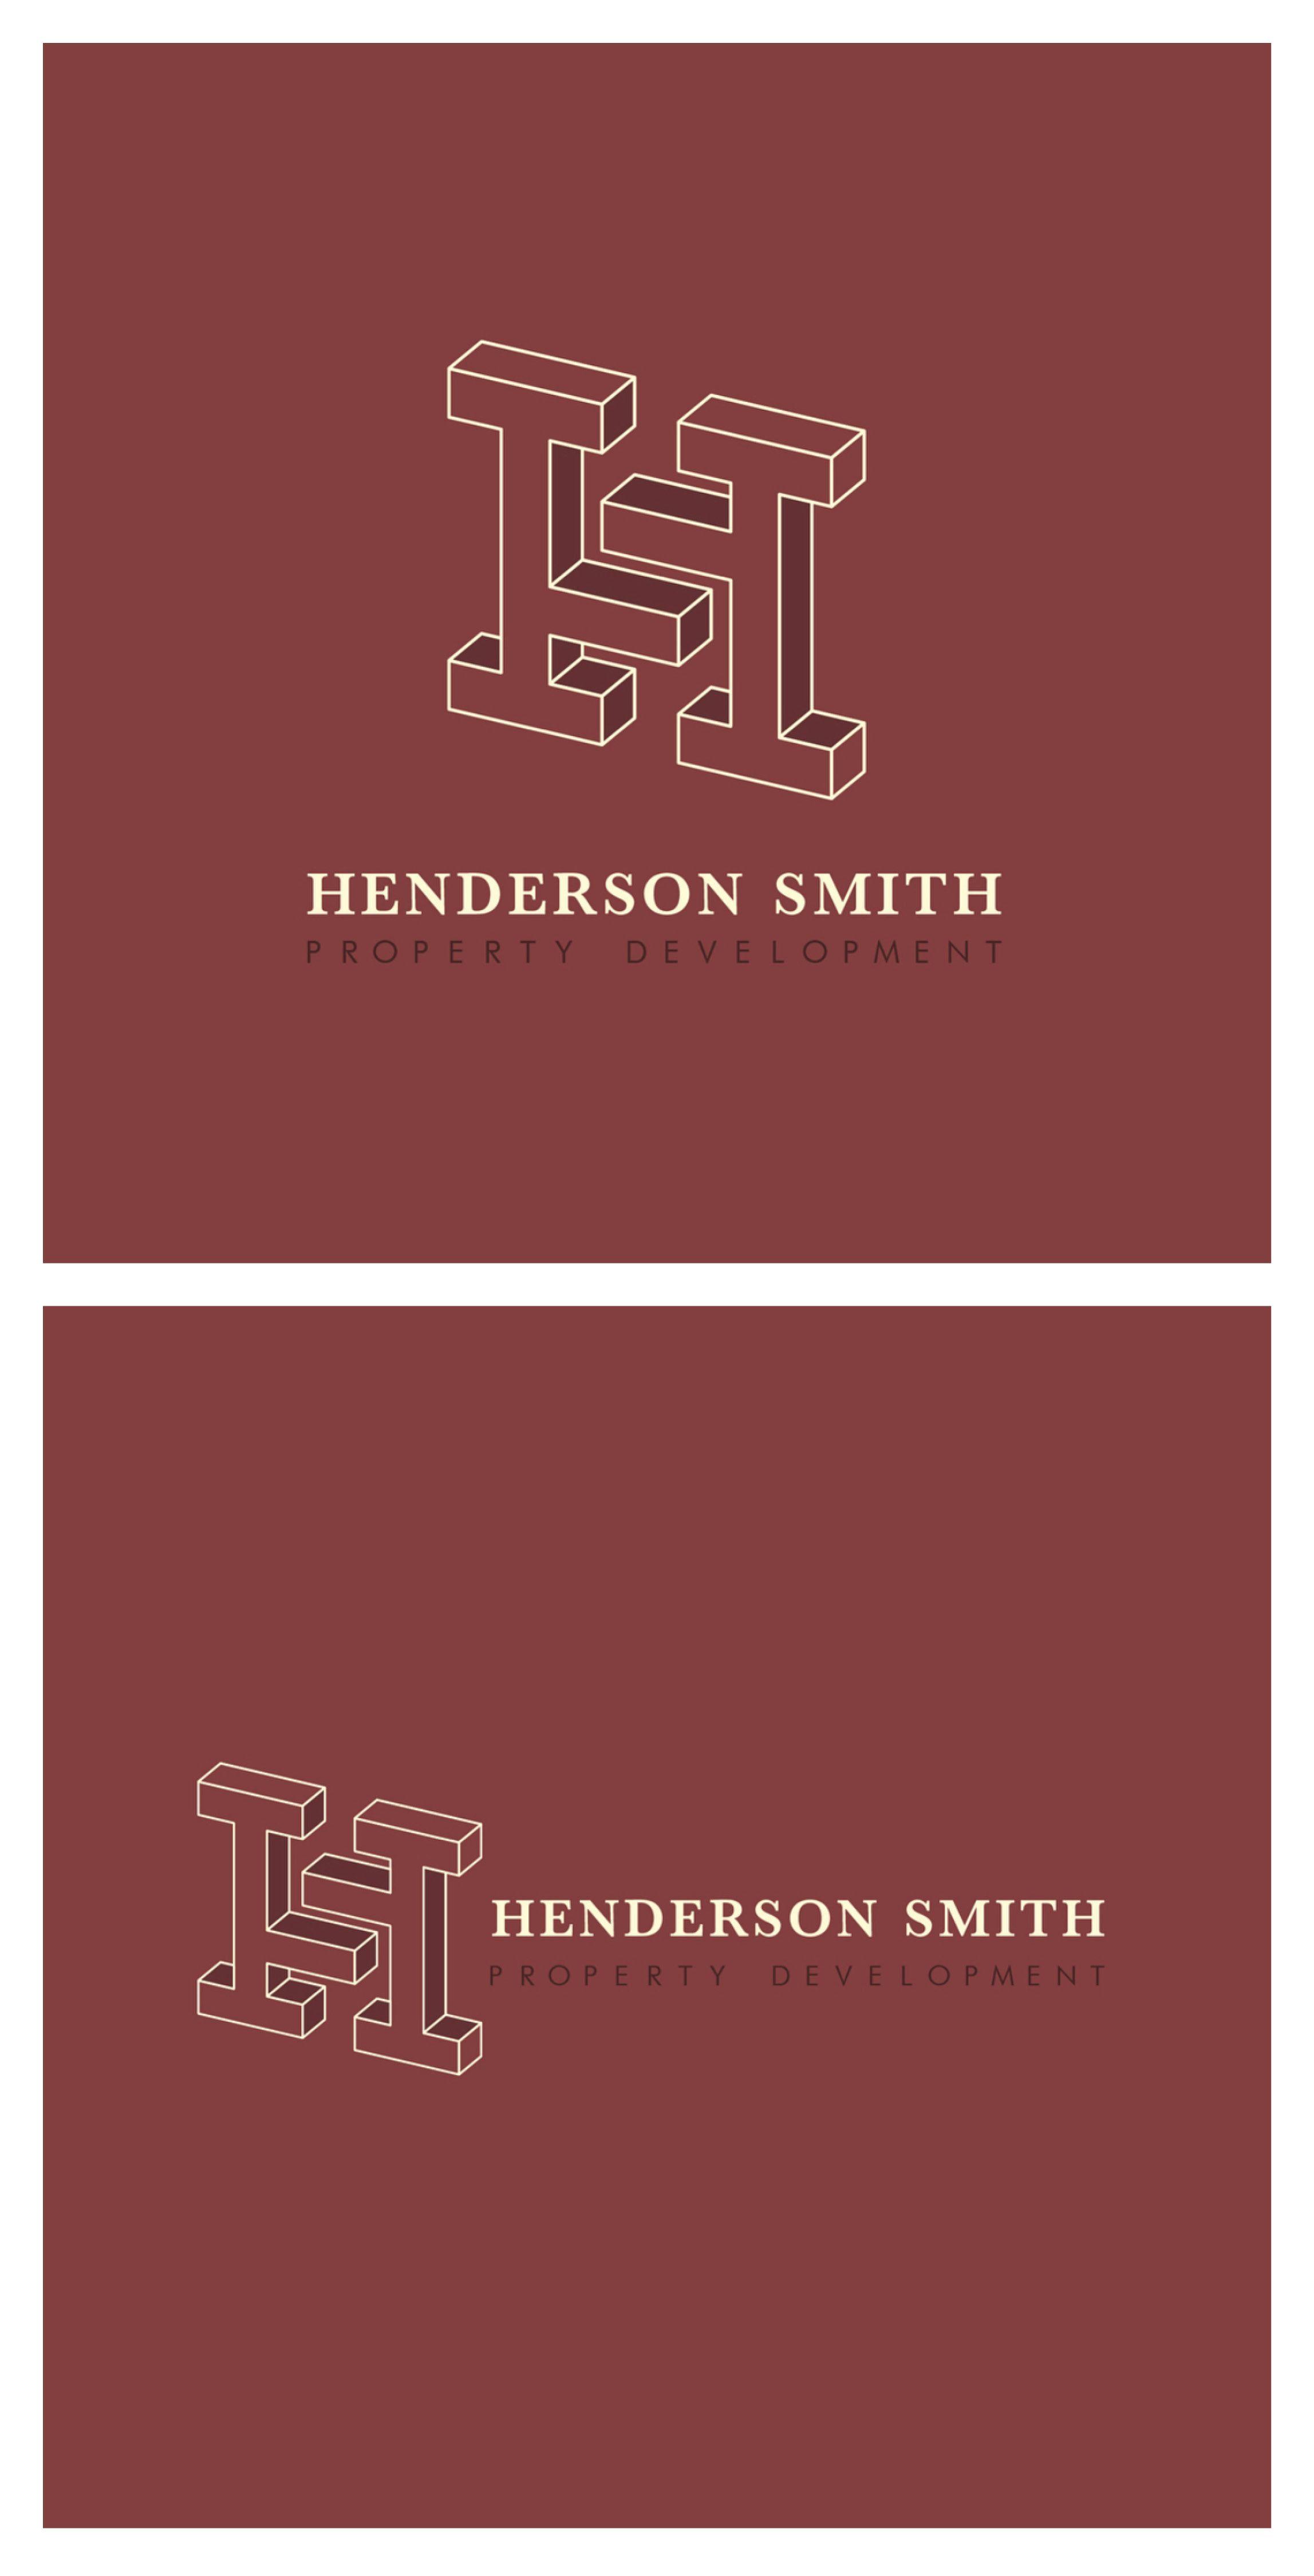 Lucy's Logos Henderson Smith Logo Design Property